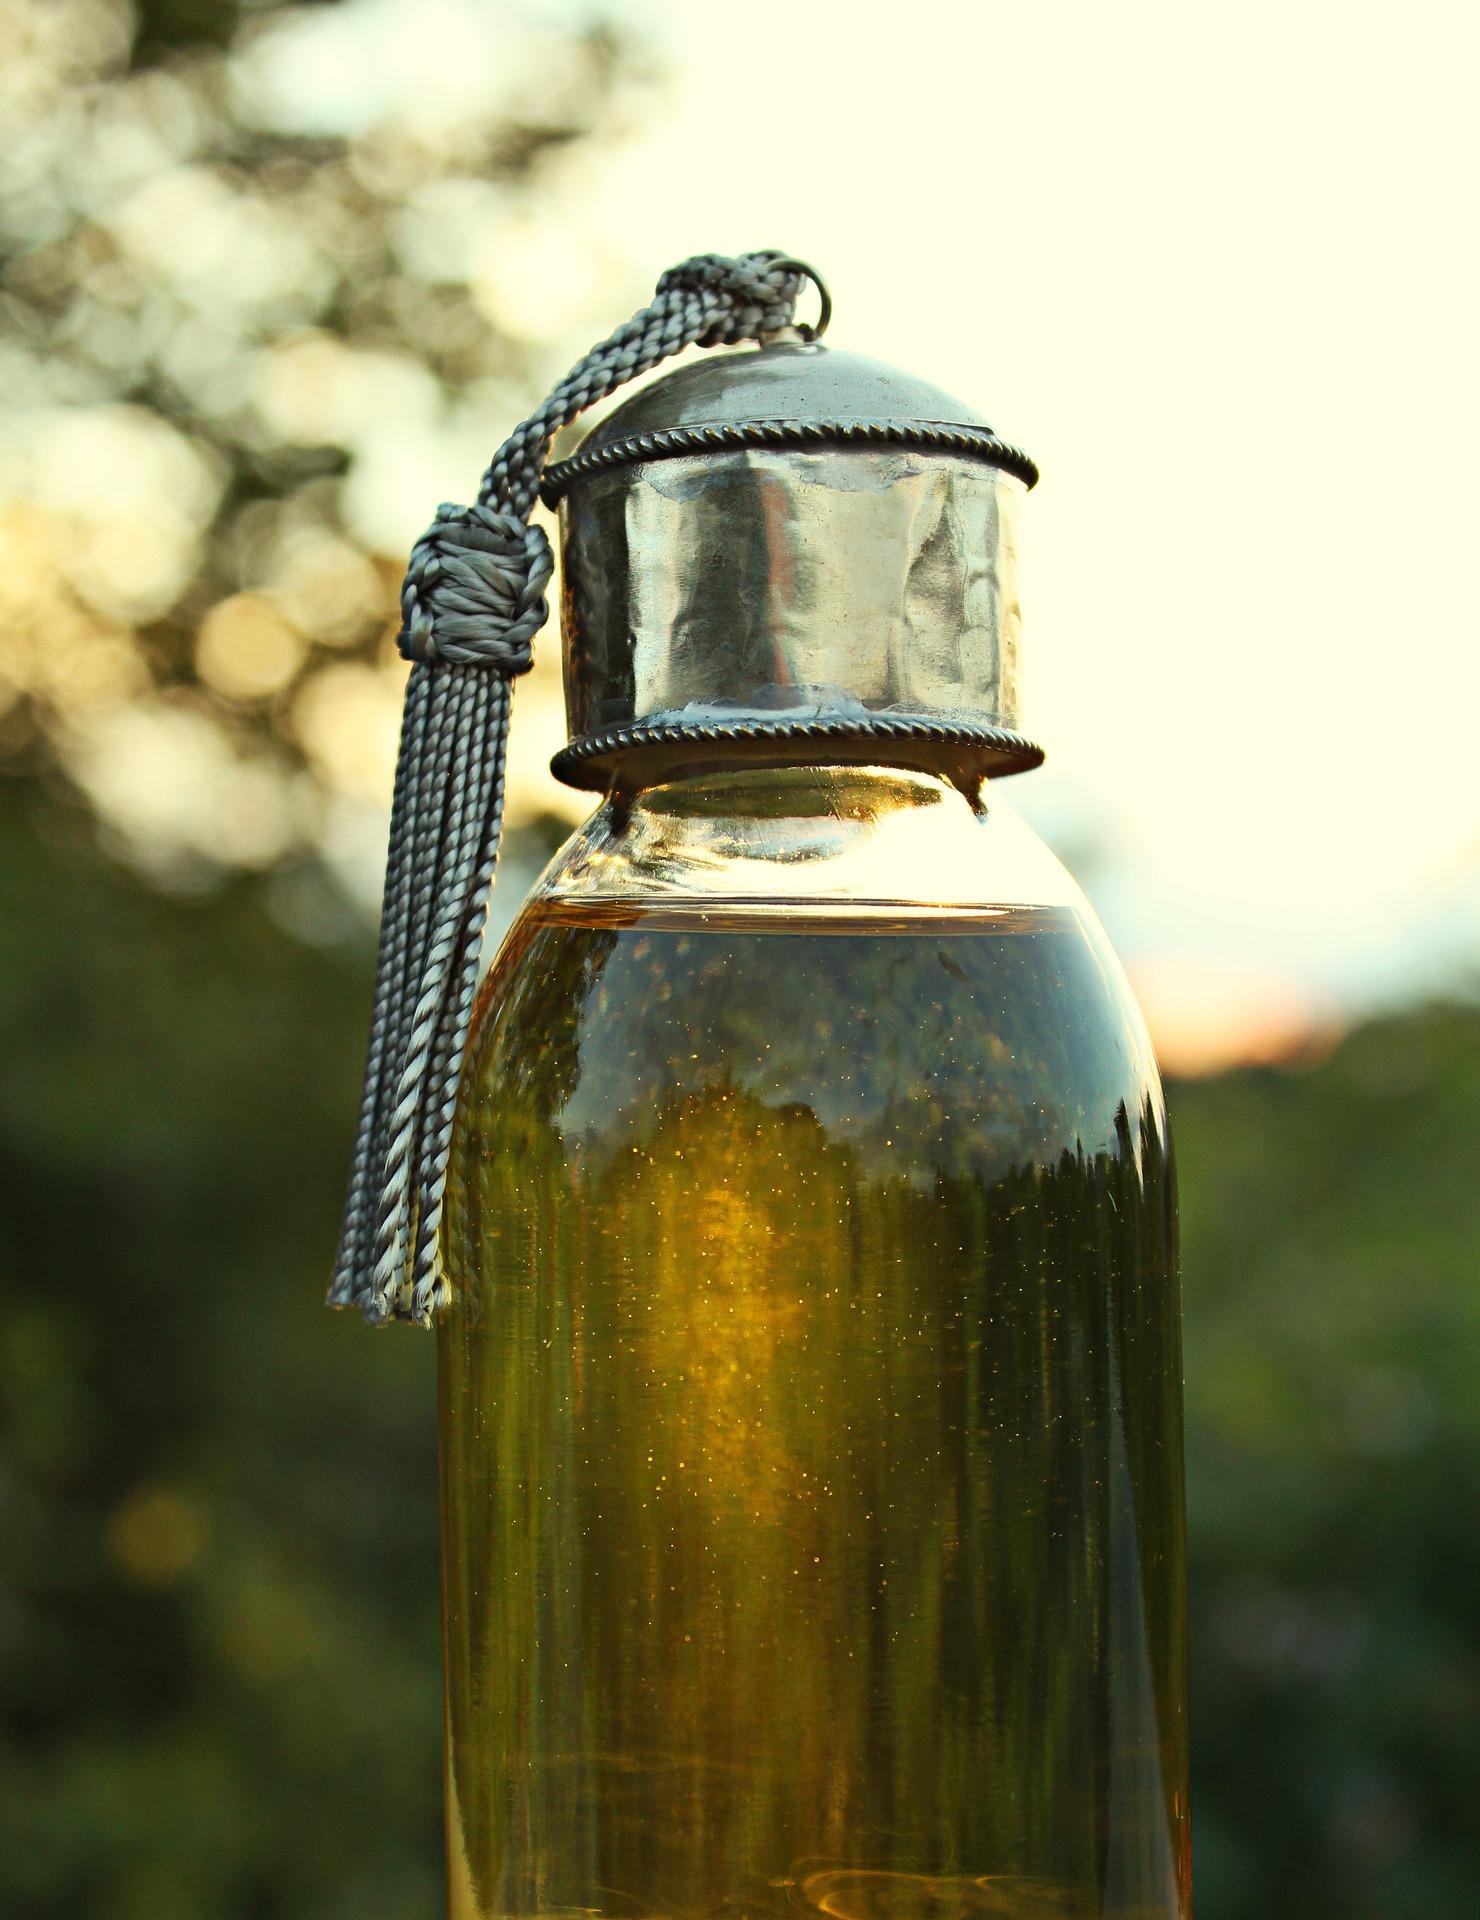 Les 5 bonnes raisons de choisir un shampoing avec de l'huile d'argan